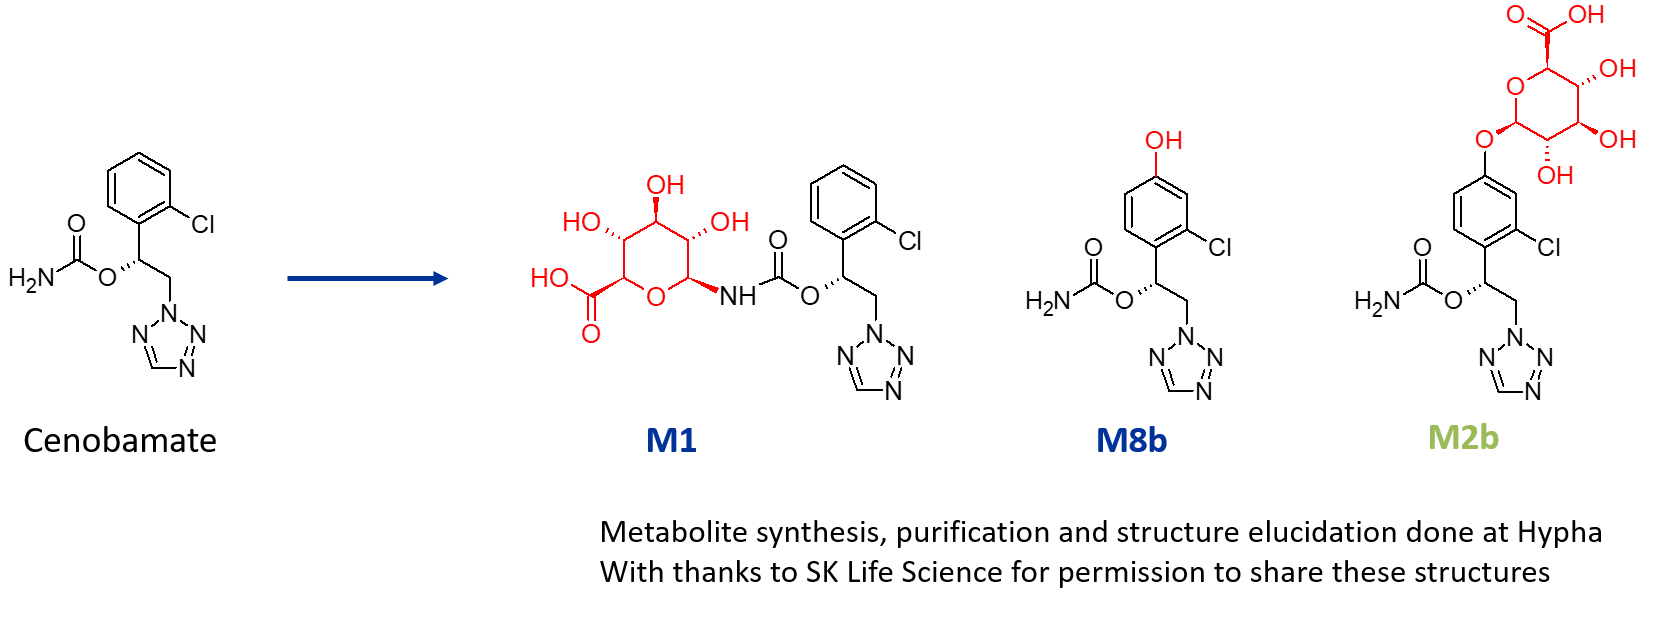 cenobamate metabolites case study image